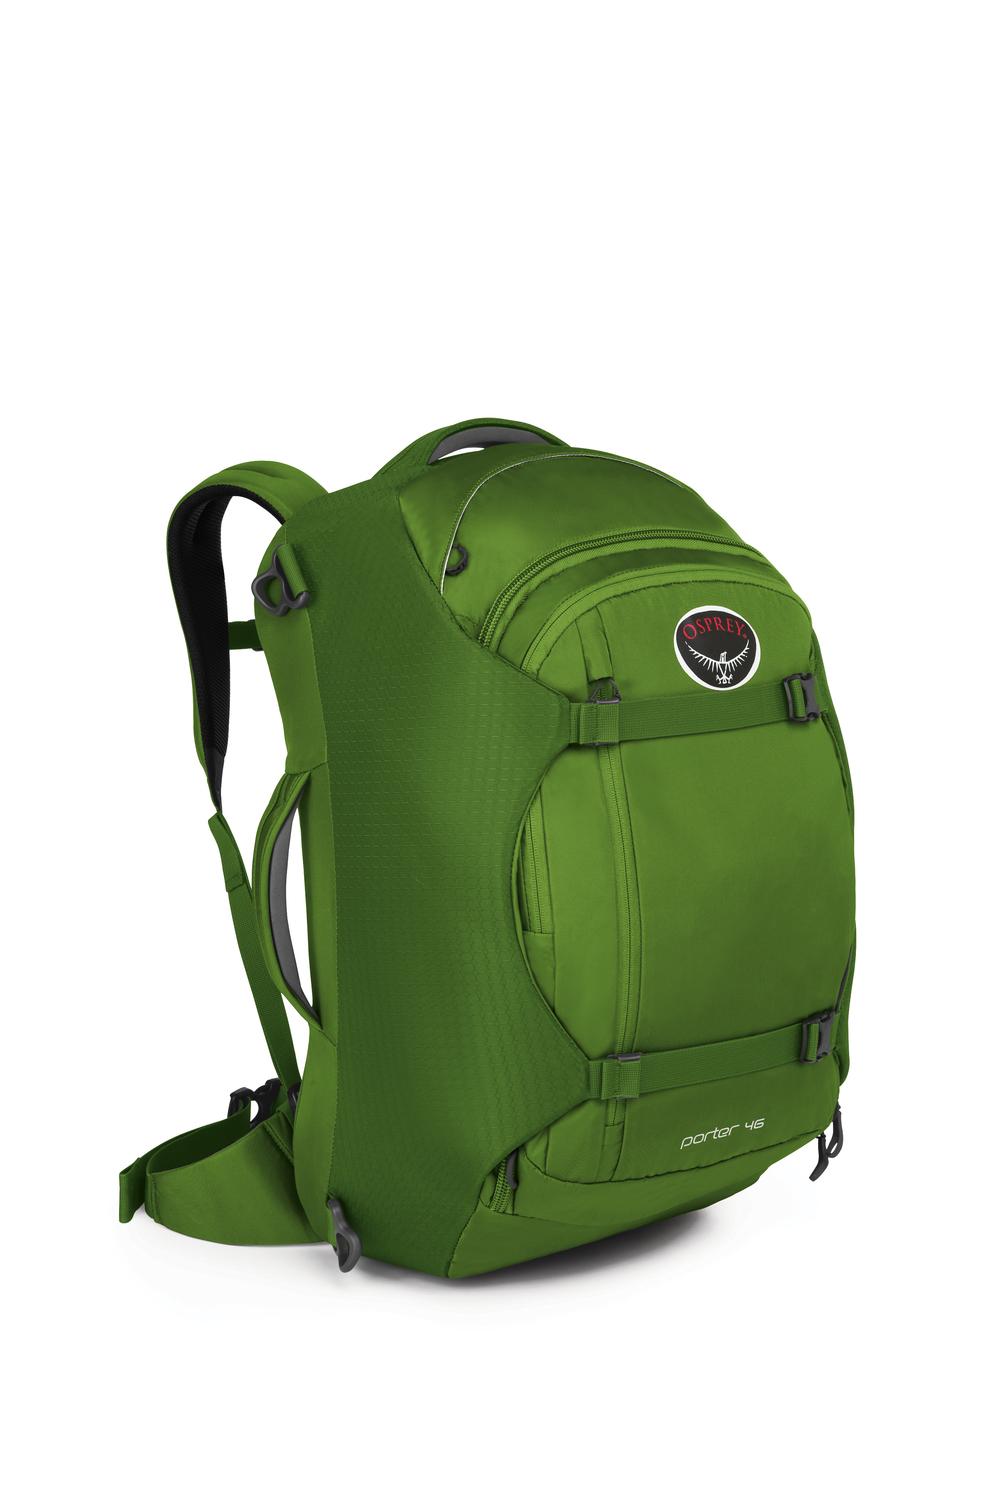 Porter 46 green.jpg